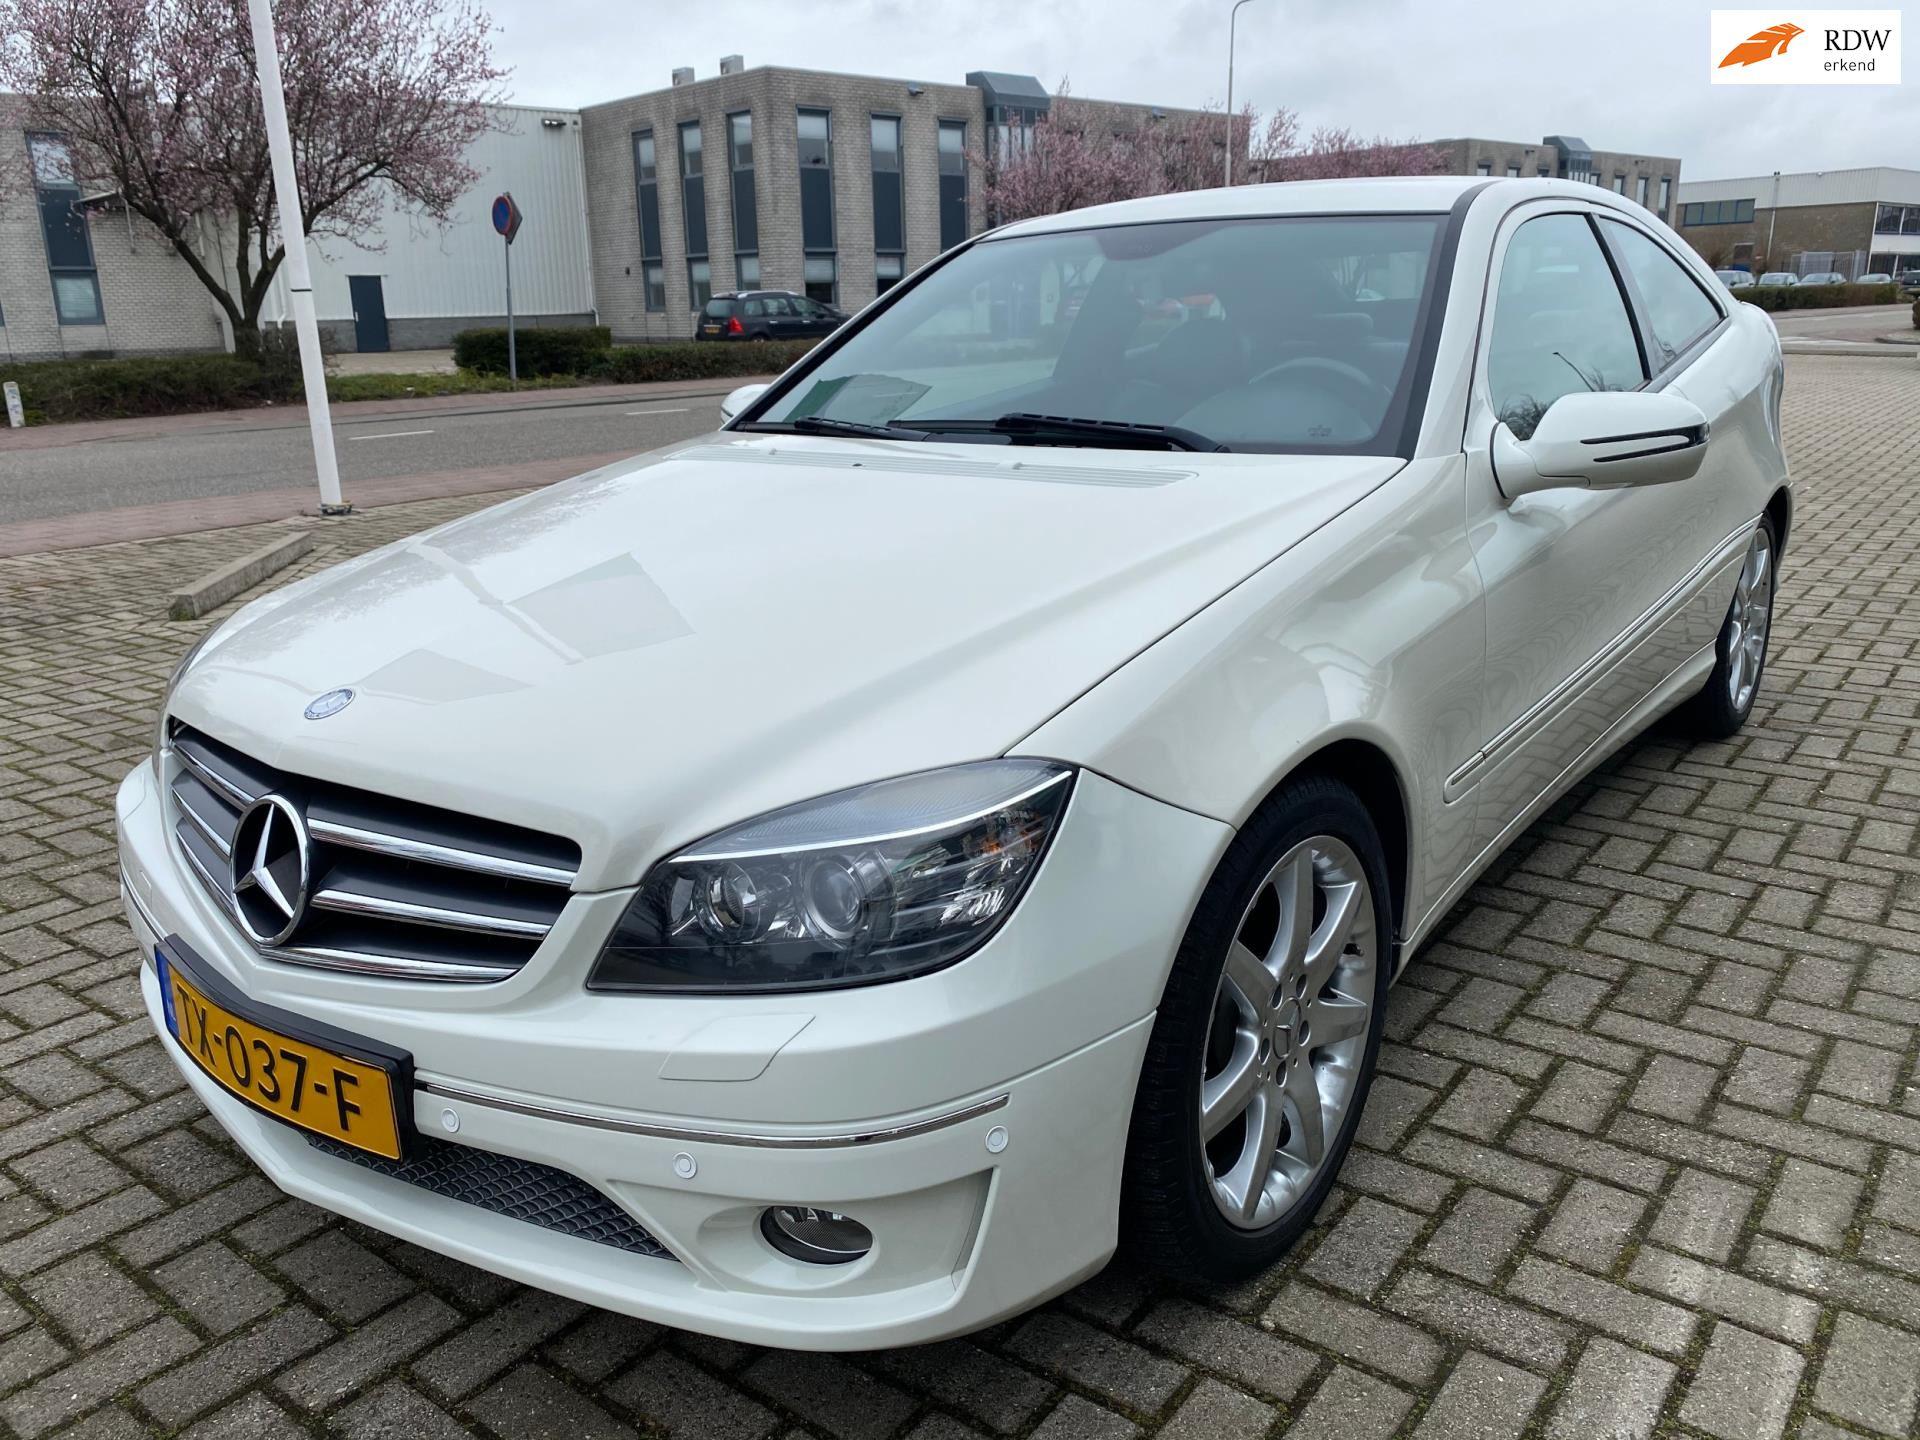 Mercedes-Benz CLC-klasse occasion - RP Automotive